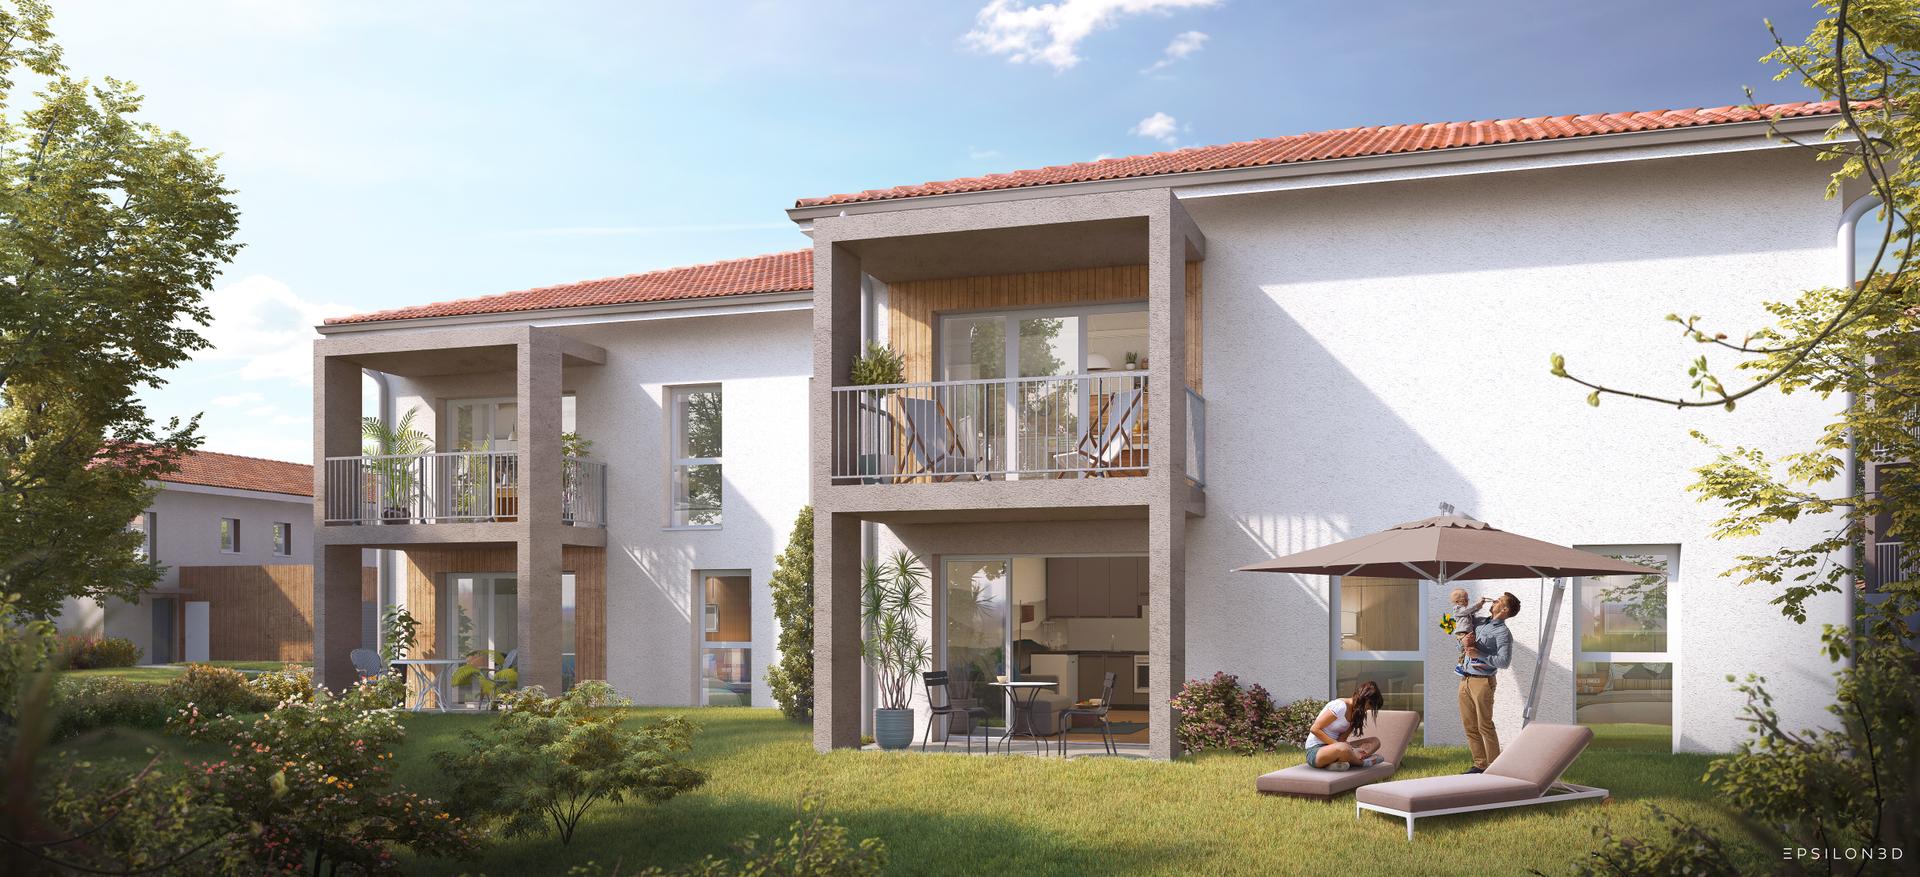 Programme immobilier neuf DOMAINE DE MONT ALMA